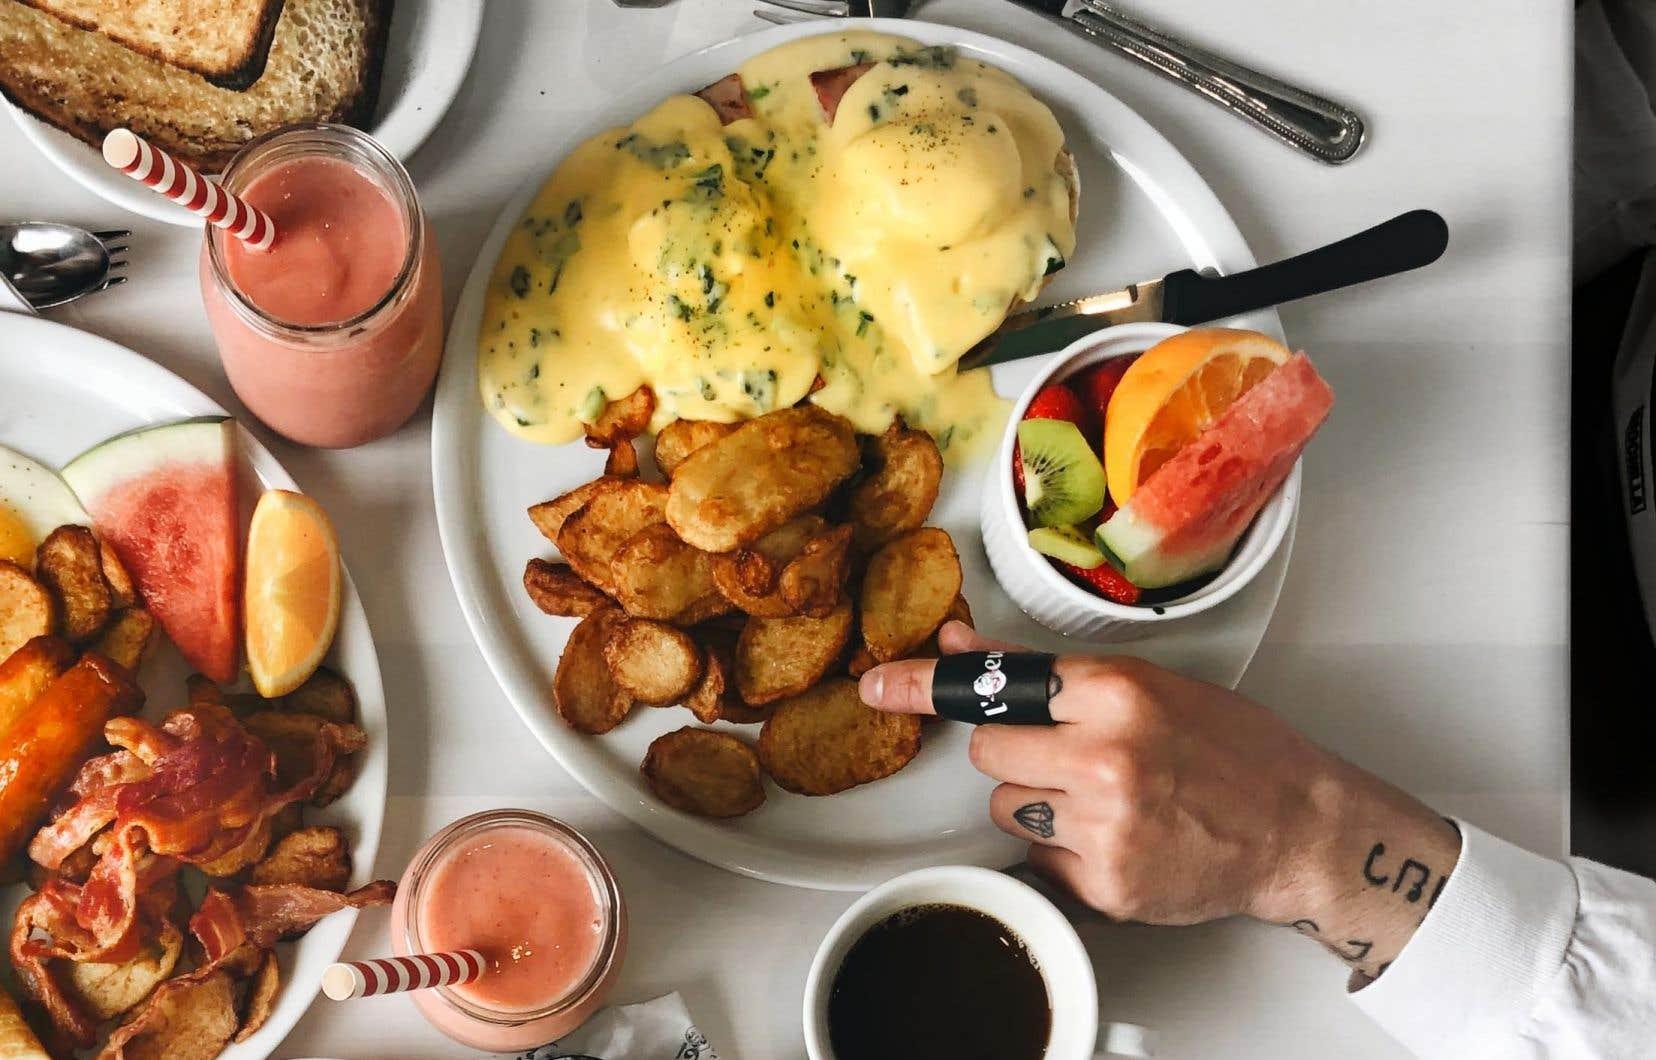 Prendre un déjeuner de qualité de façon régulière favorise l'apport en nutriments, le maintien du poids, la réduction du stress et la performance cognitive, comparativement aux jeunes qui consomment un déjeuner de faible qualité.